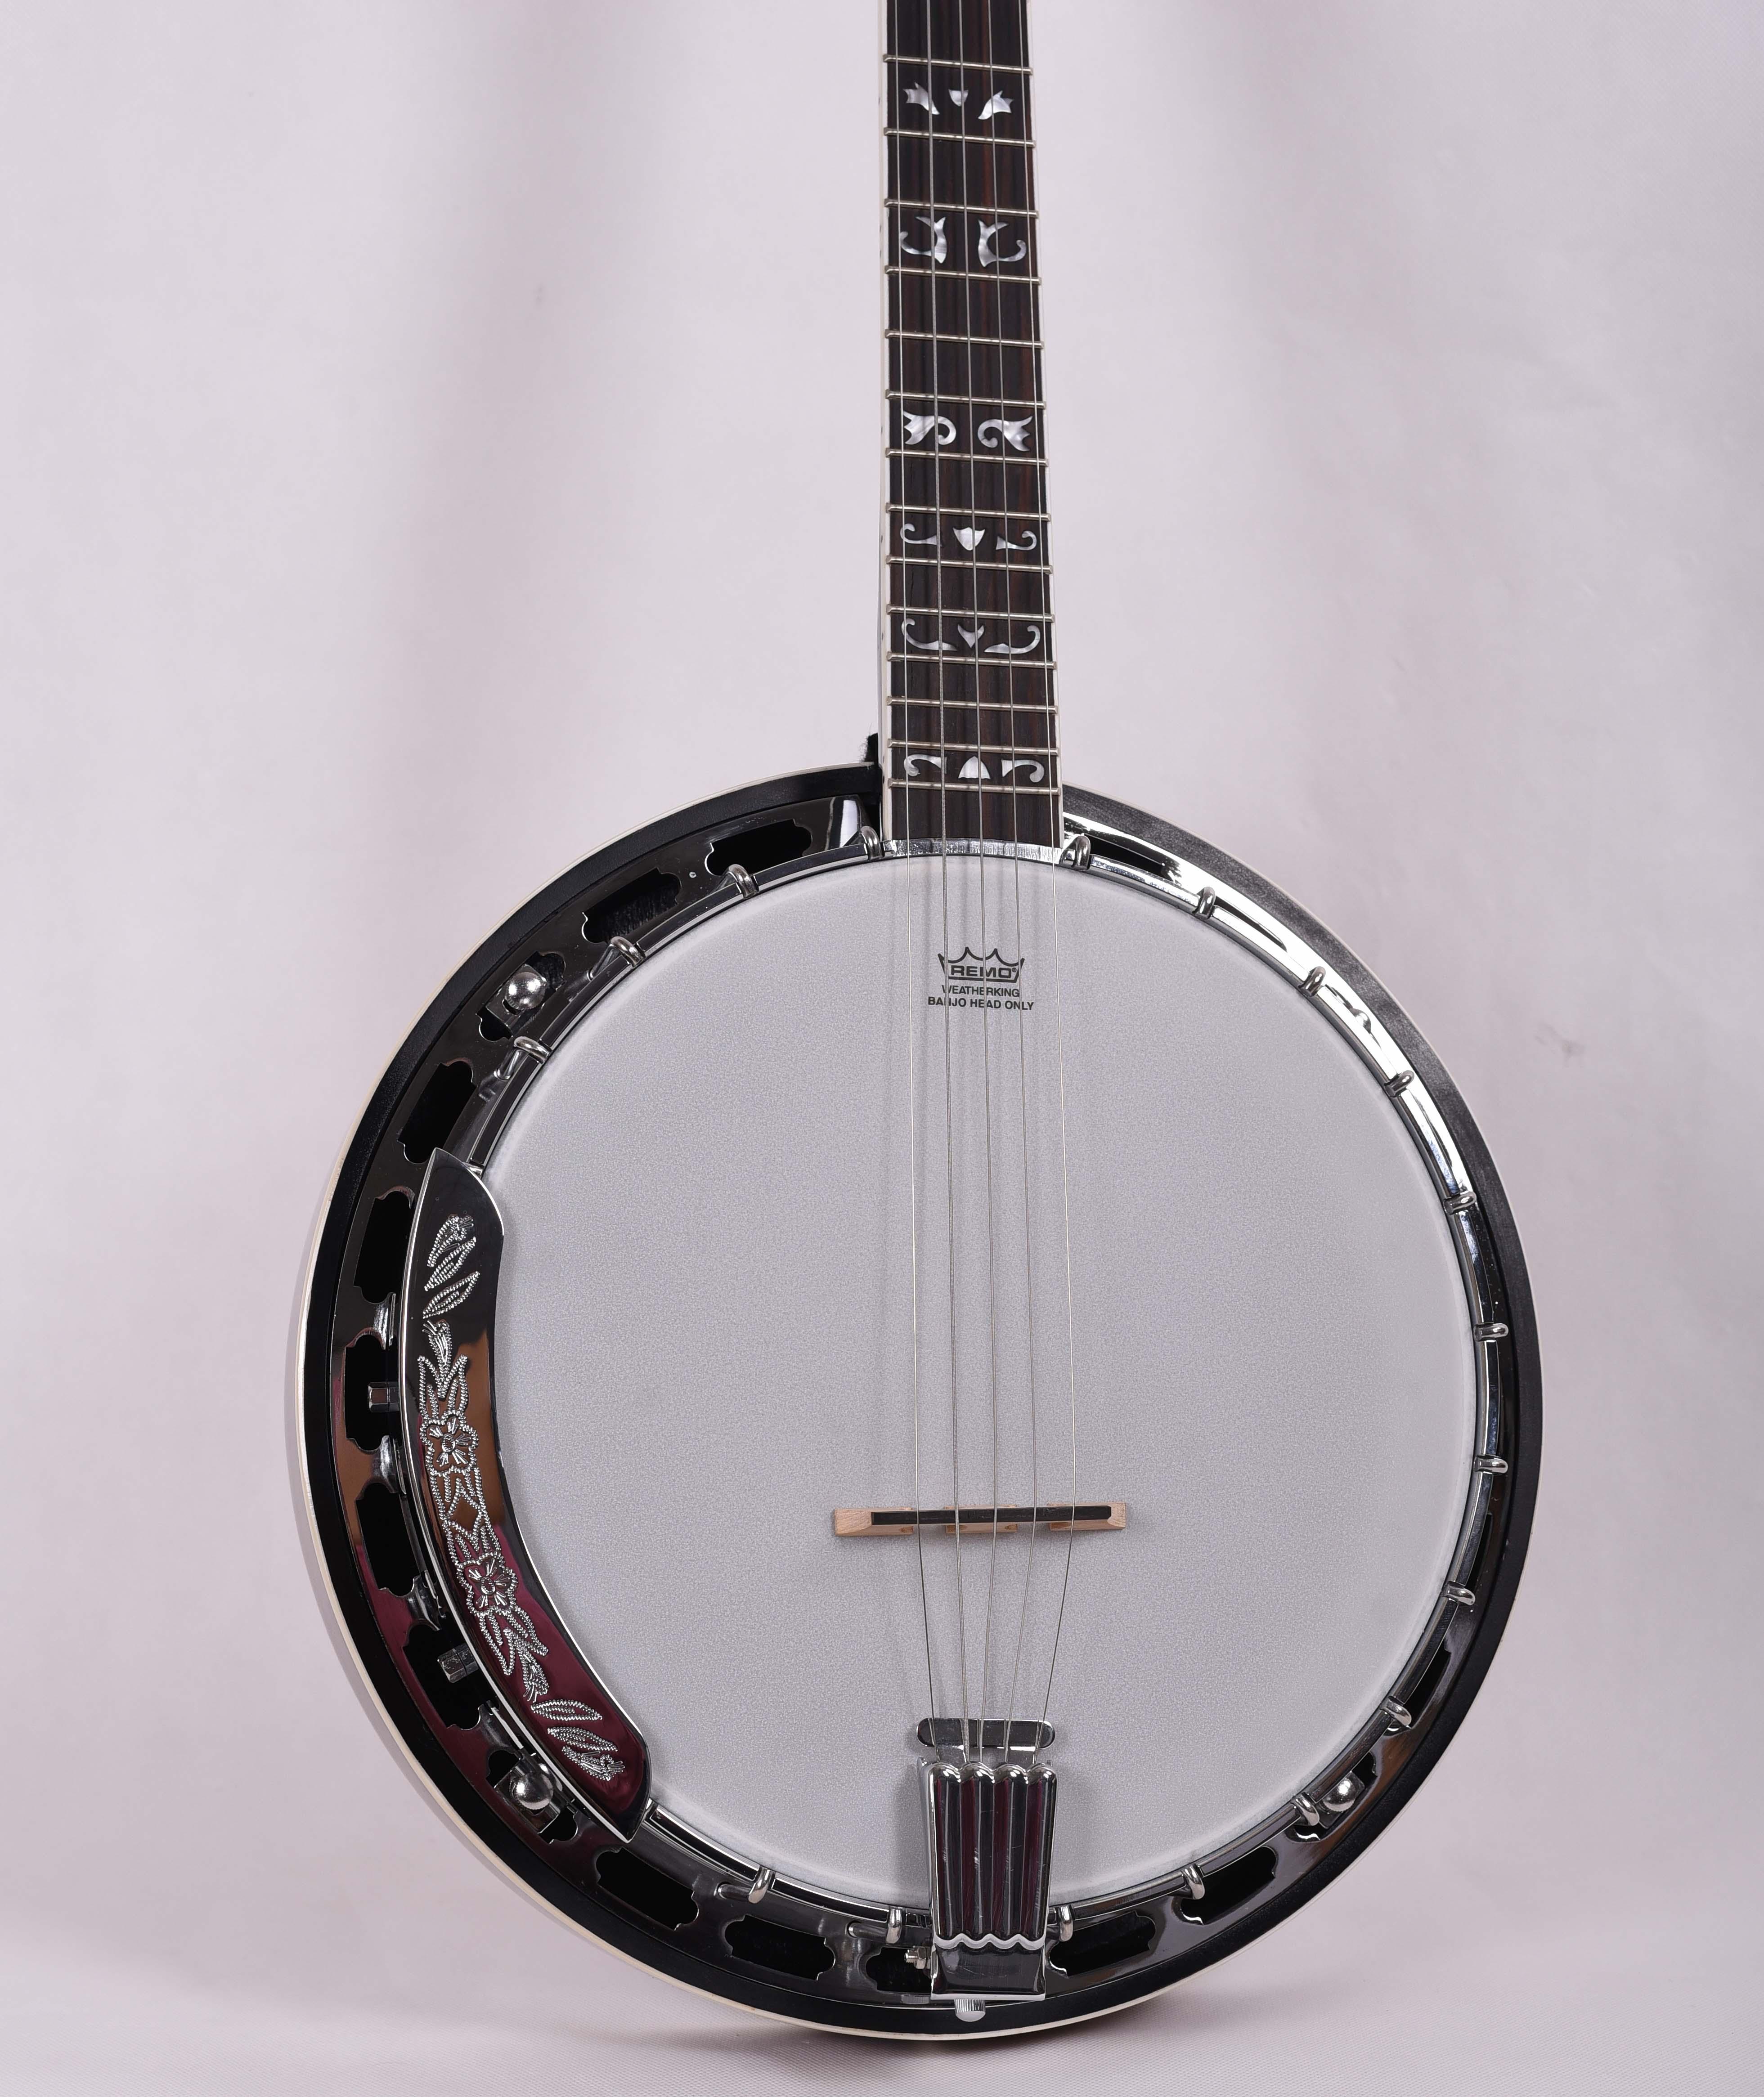 Feeling 5 струн открытый белый нефрит банджо музыкальный инструмент FBJ-17